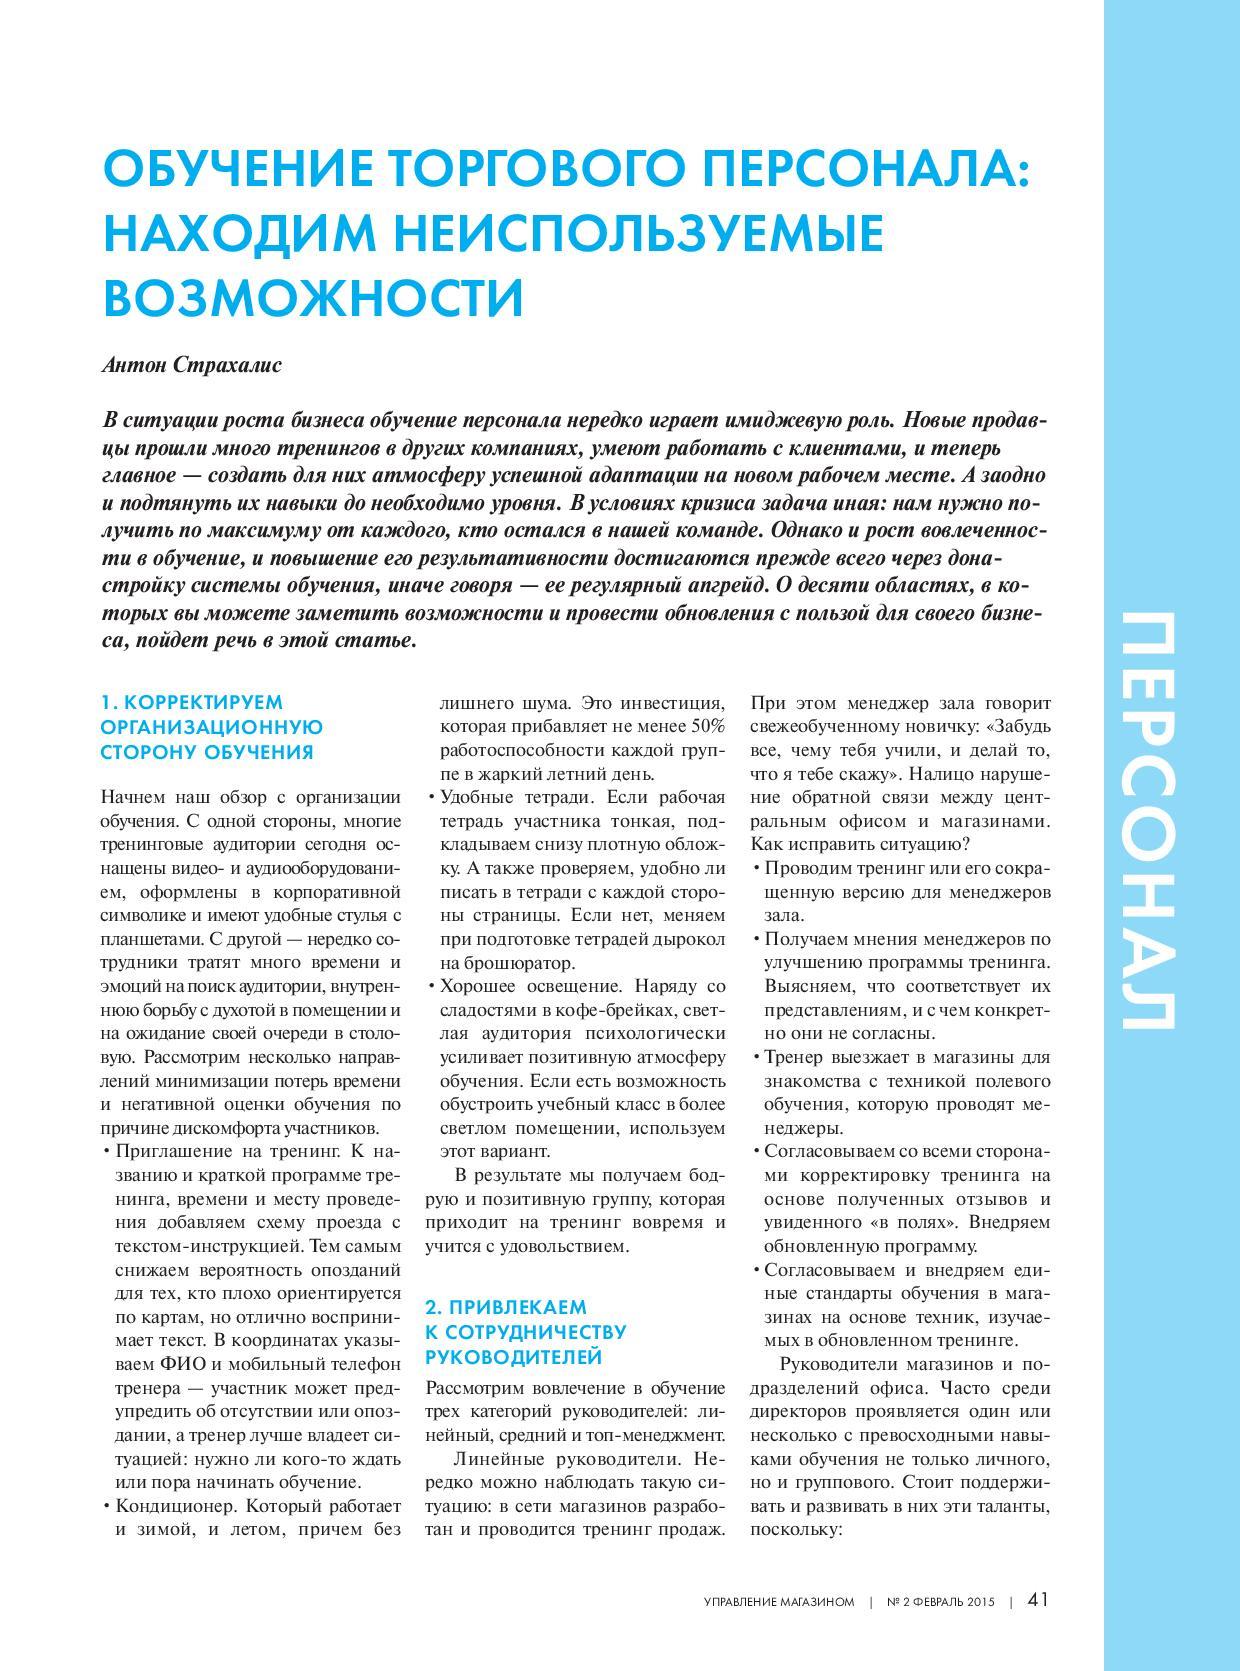 Обучение торгового персонала_1 статья-page-001